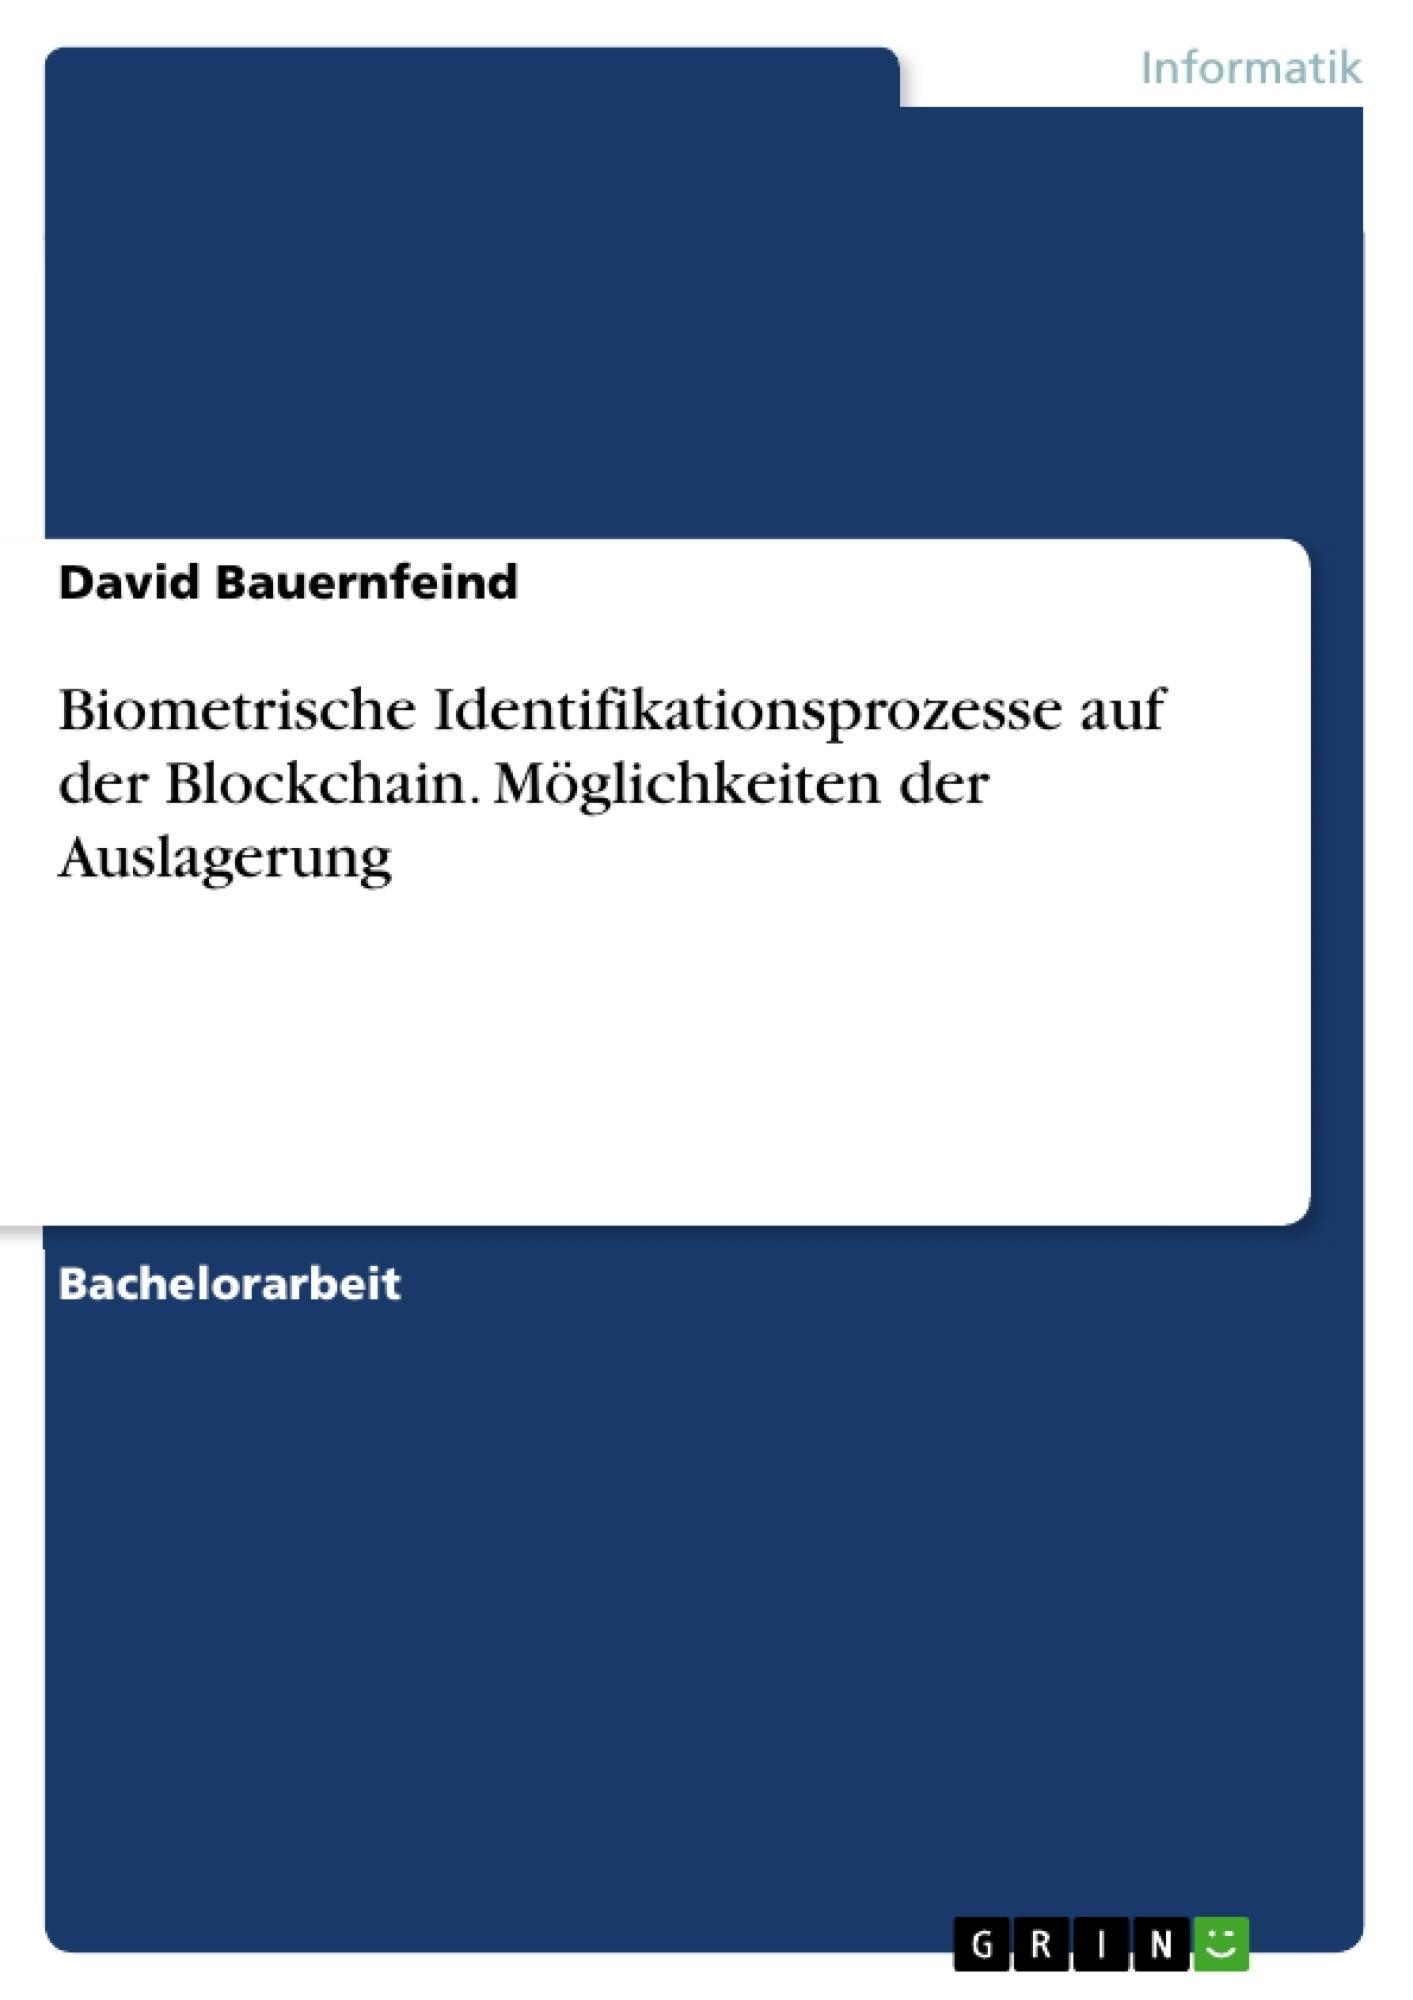 Titel: Biometrische Identifikationsprozesse auf der Blockchain. Möglichkeiten der Auslagerung